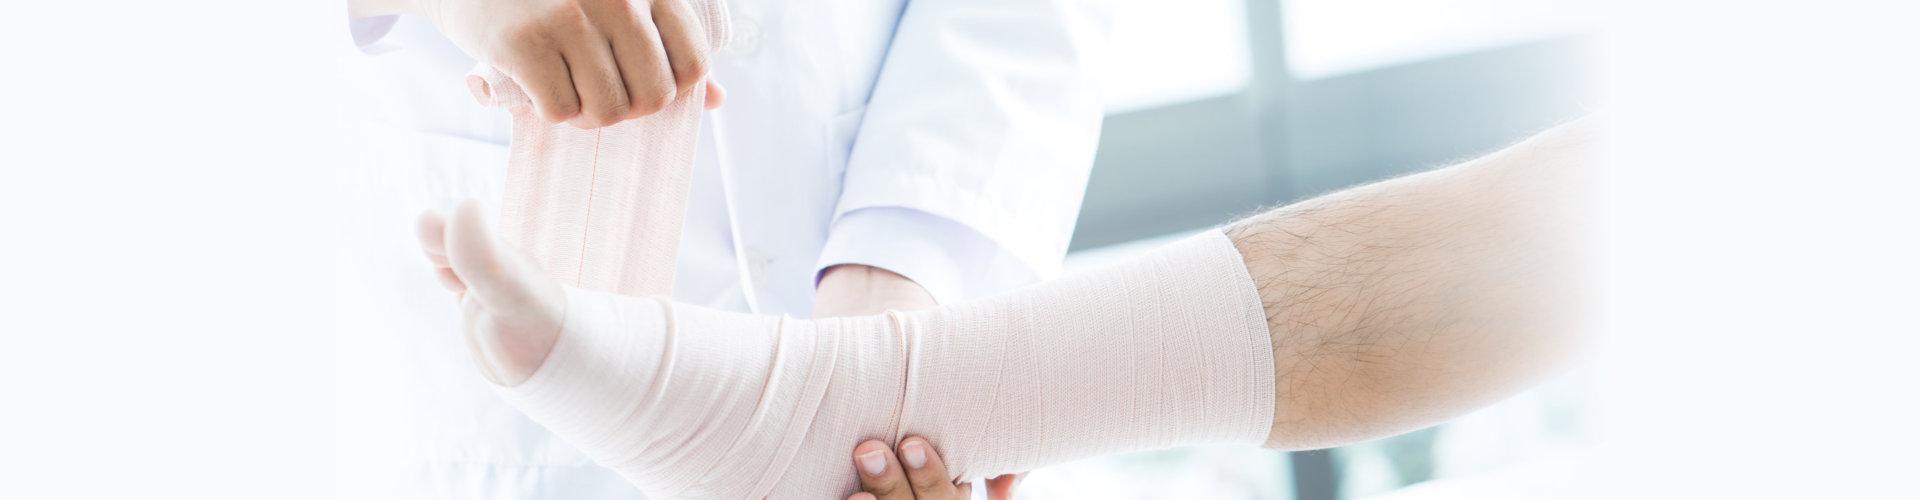 injured foot treatment